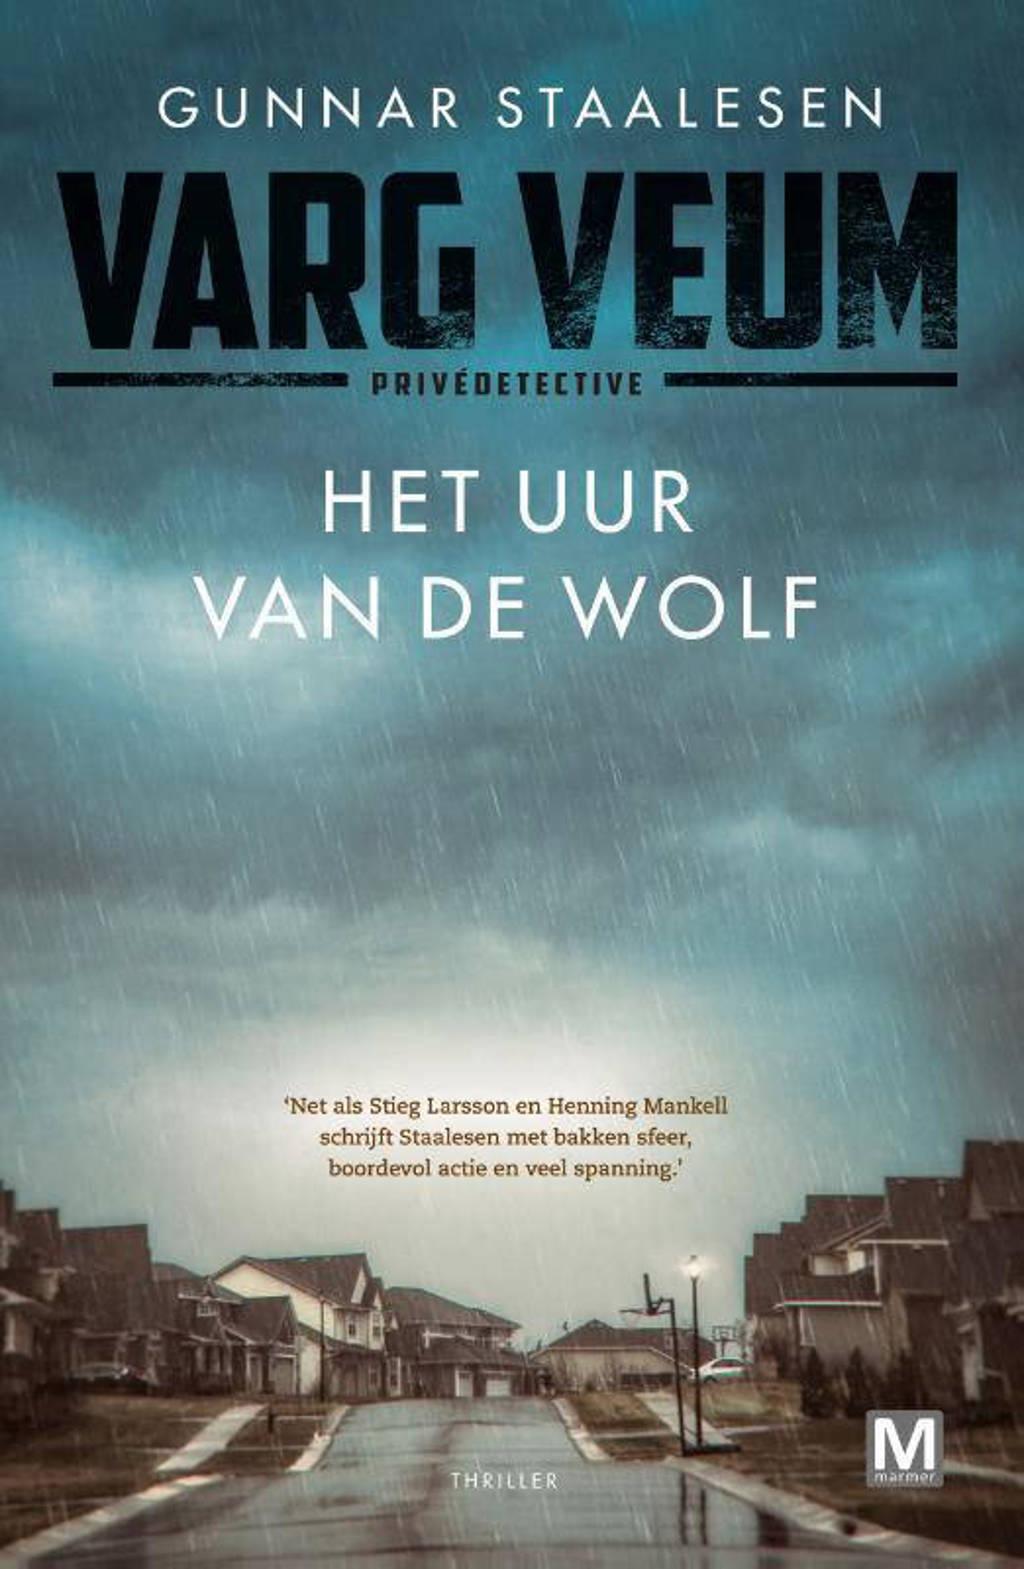 Het uur van de wolf - Gunnar Staalesen